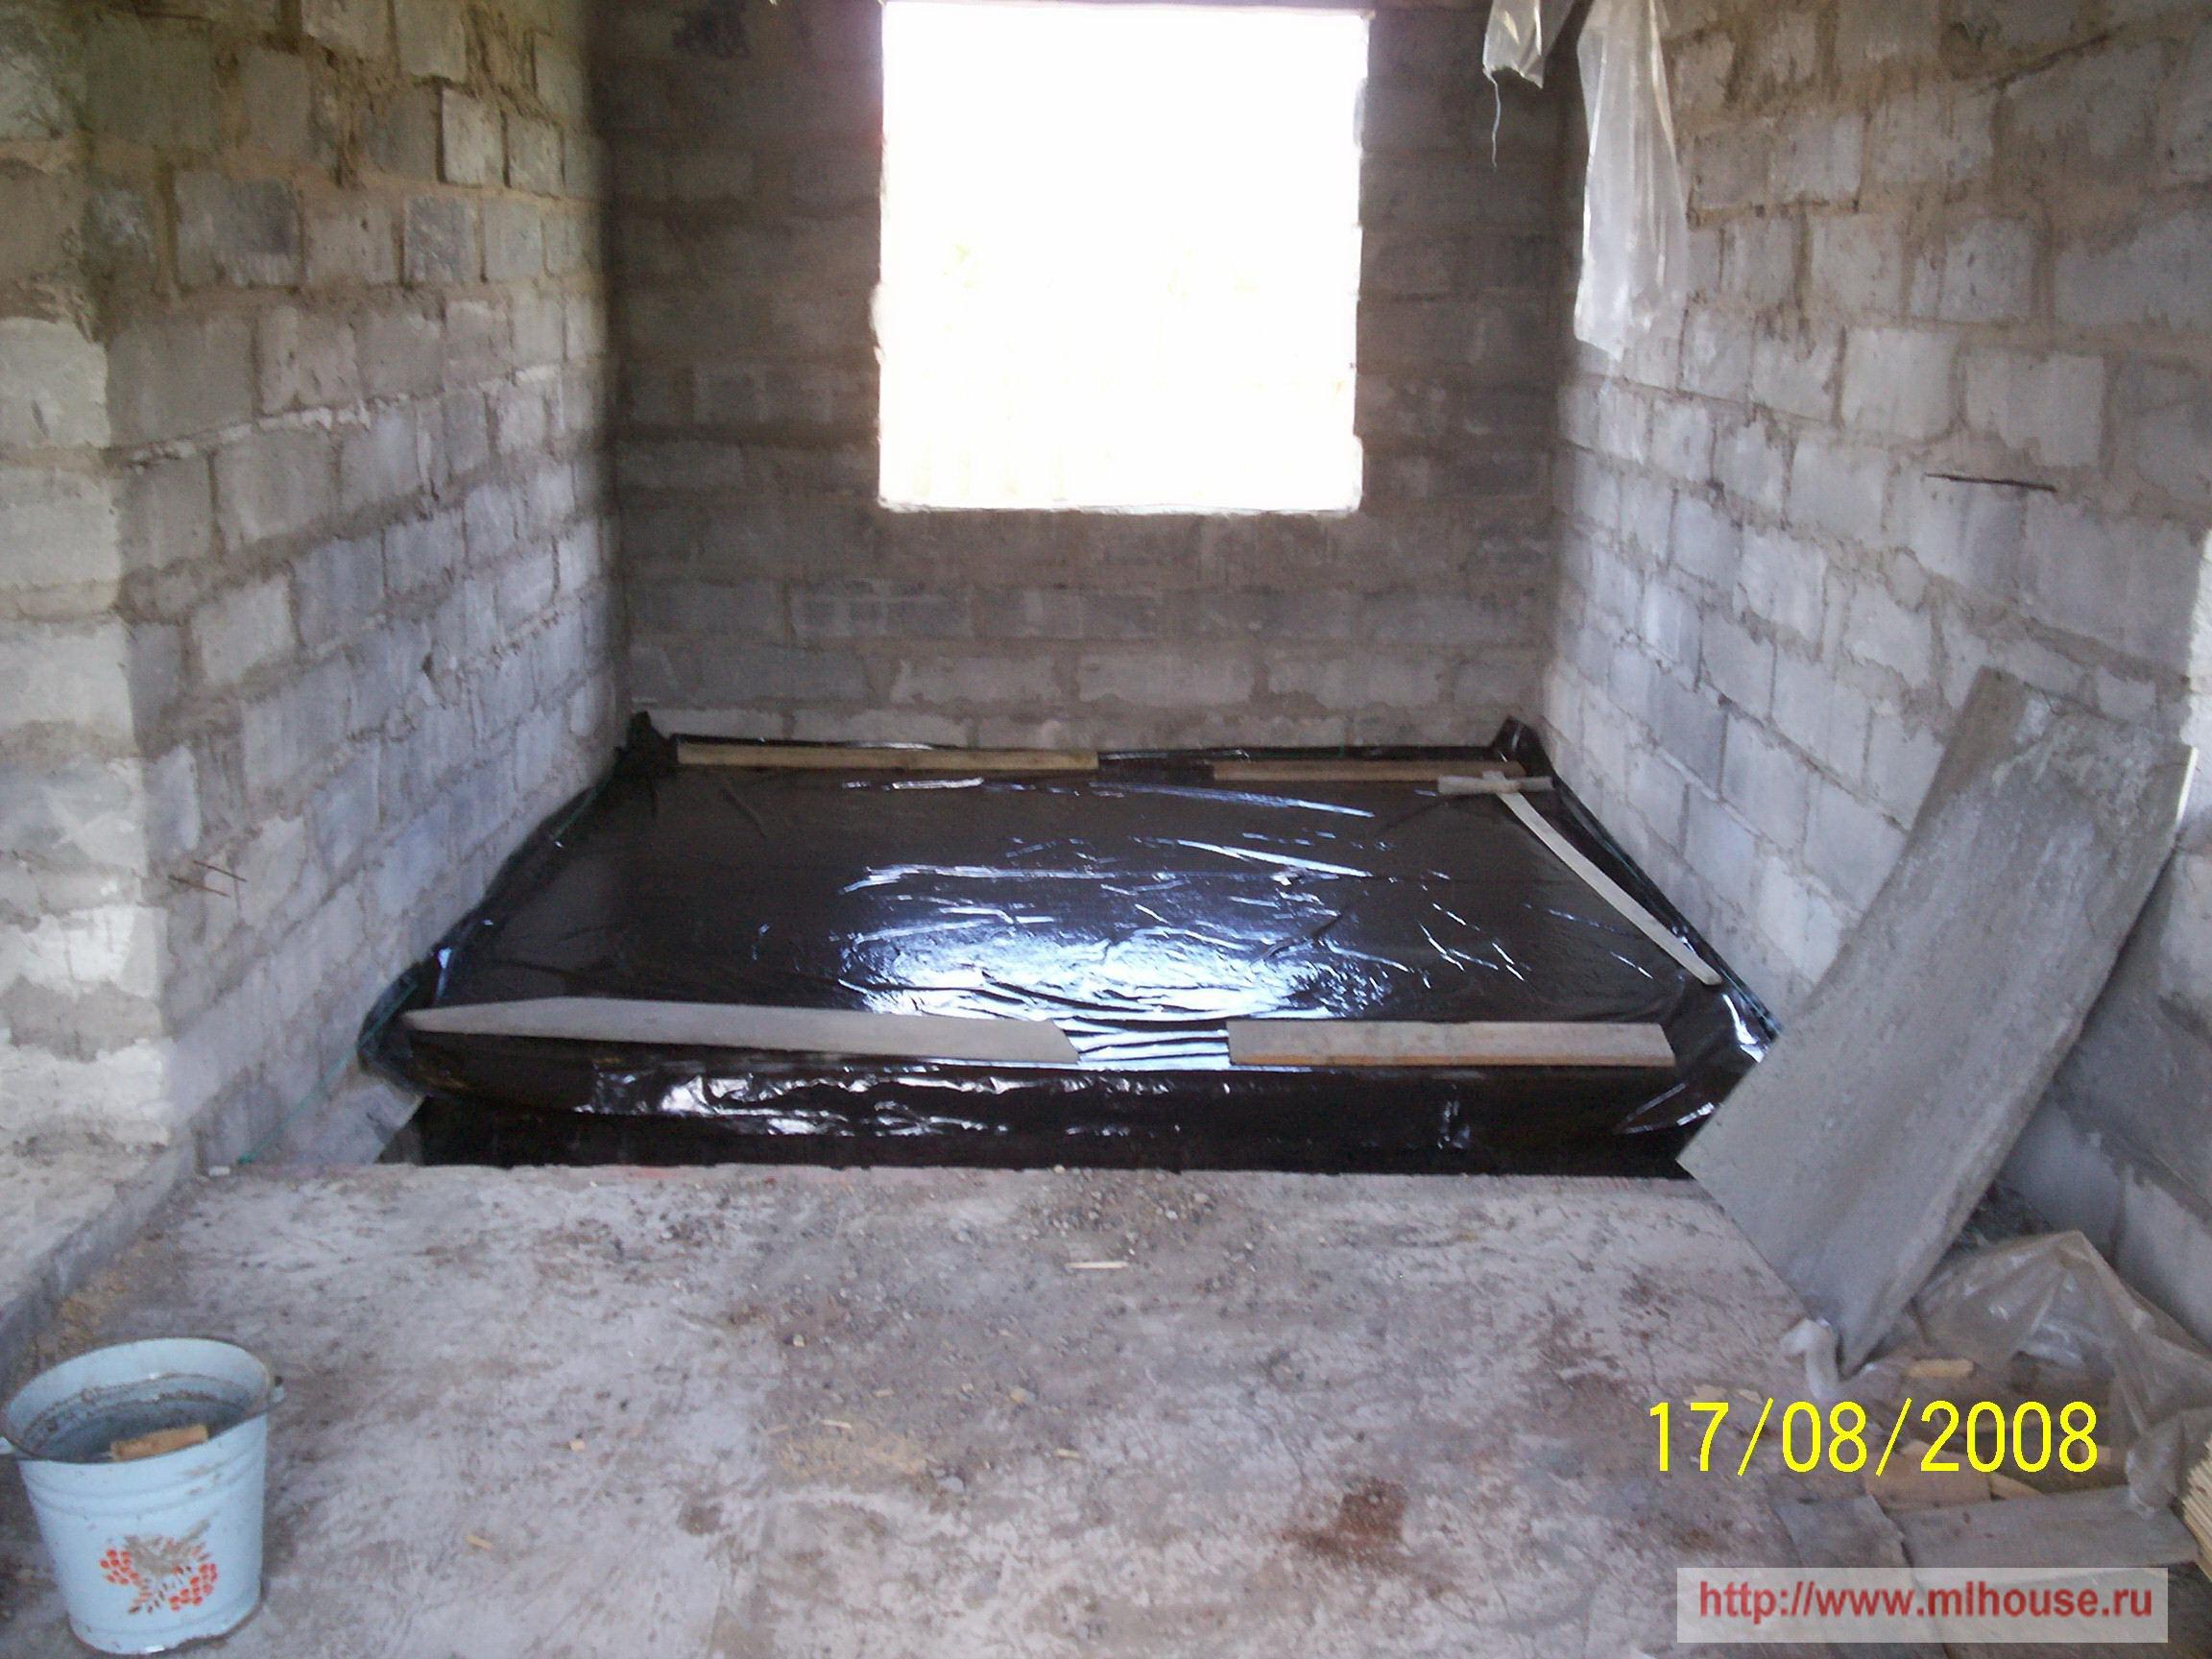 Бассейн в подвале - типы конструкций, фильтры, строительство 78